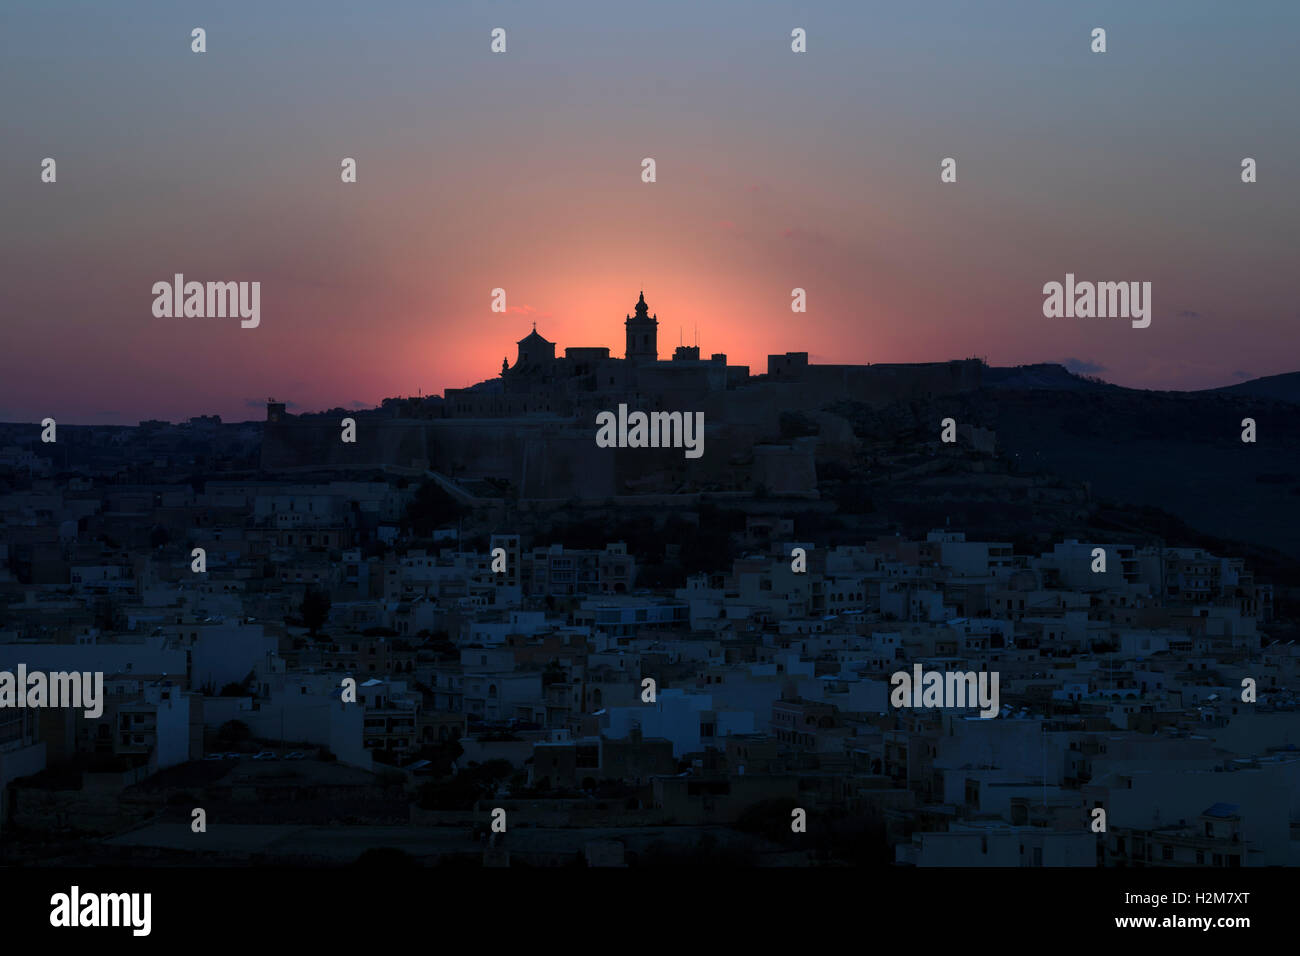 Cathédrale, coucher de soleil, Cittadella, Victoria, Gozo, Malte Banque D'Images